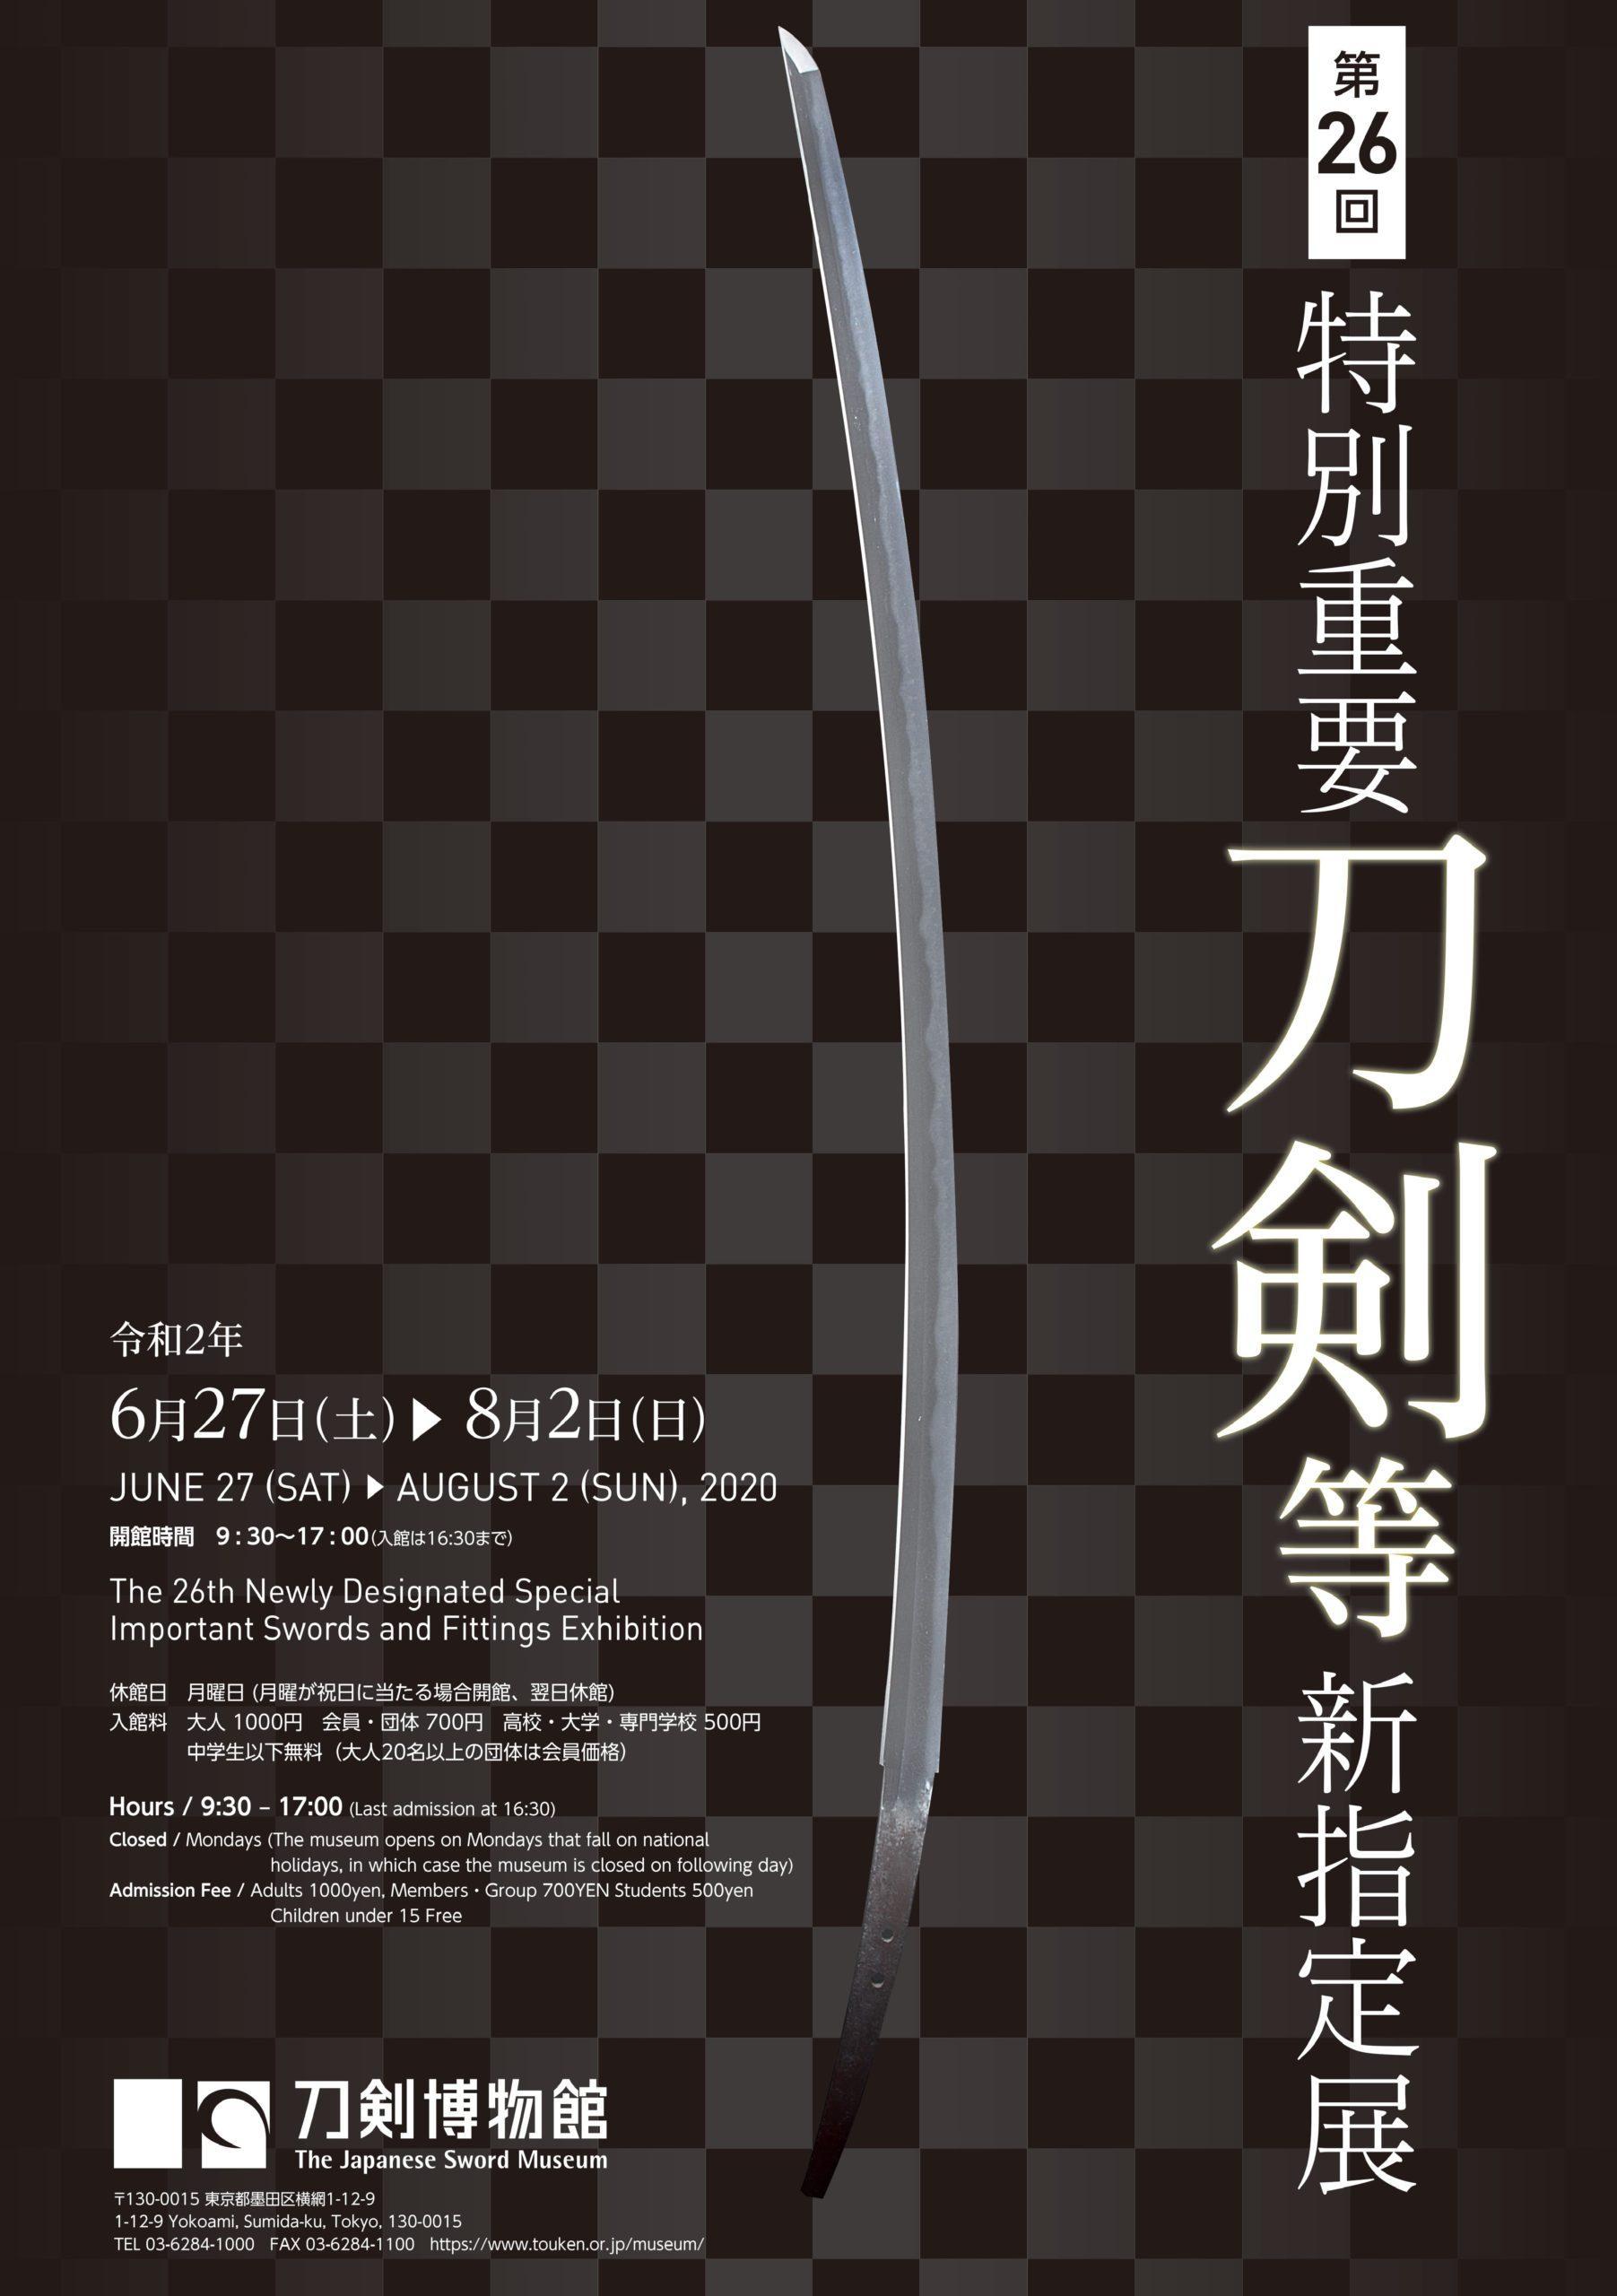 展覧会紹介第26回特別重要刀剣等新指定展 刀剣博物館